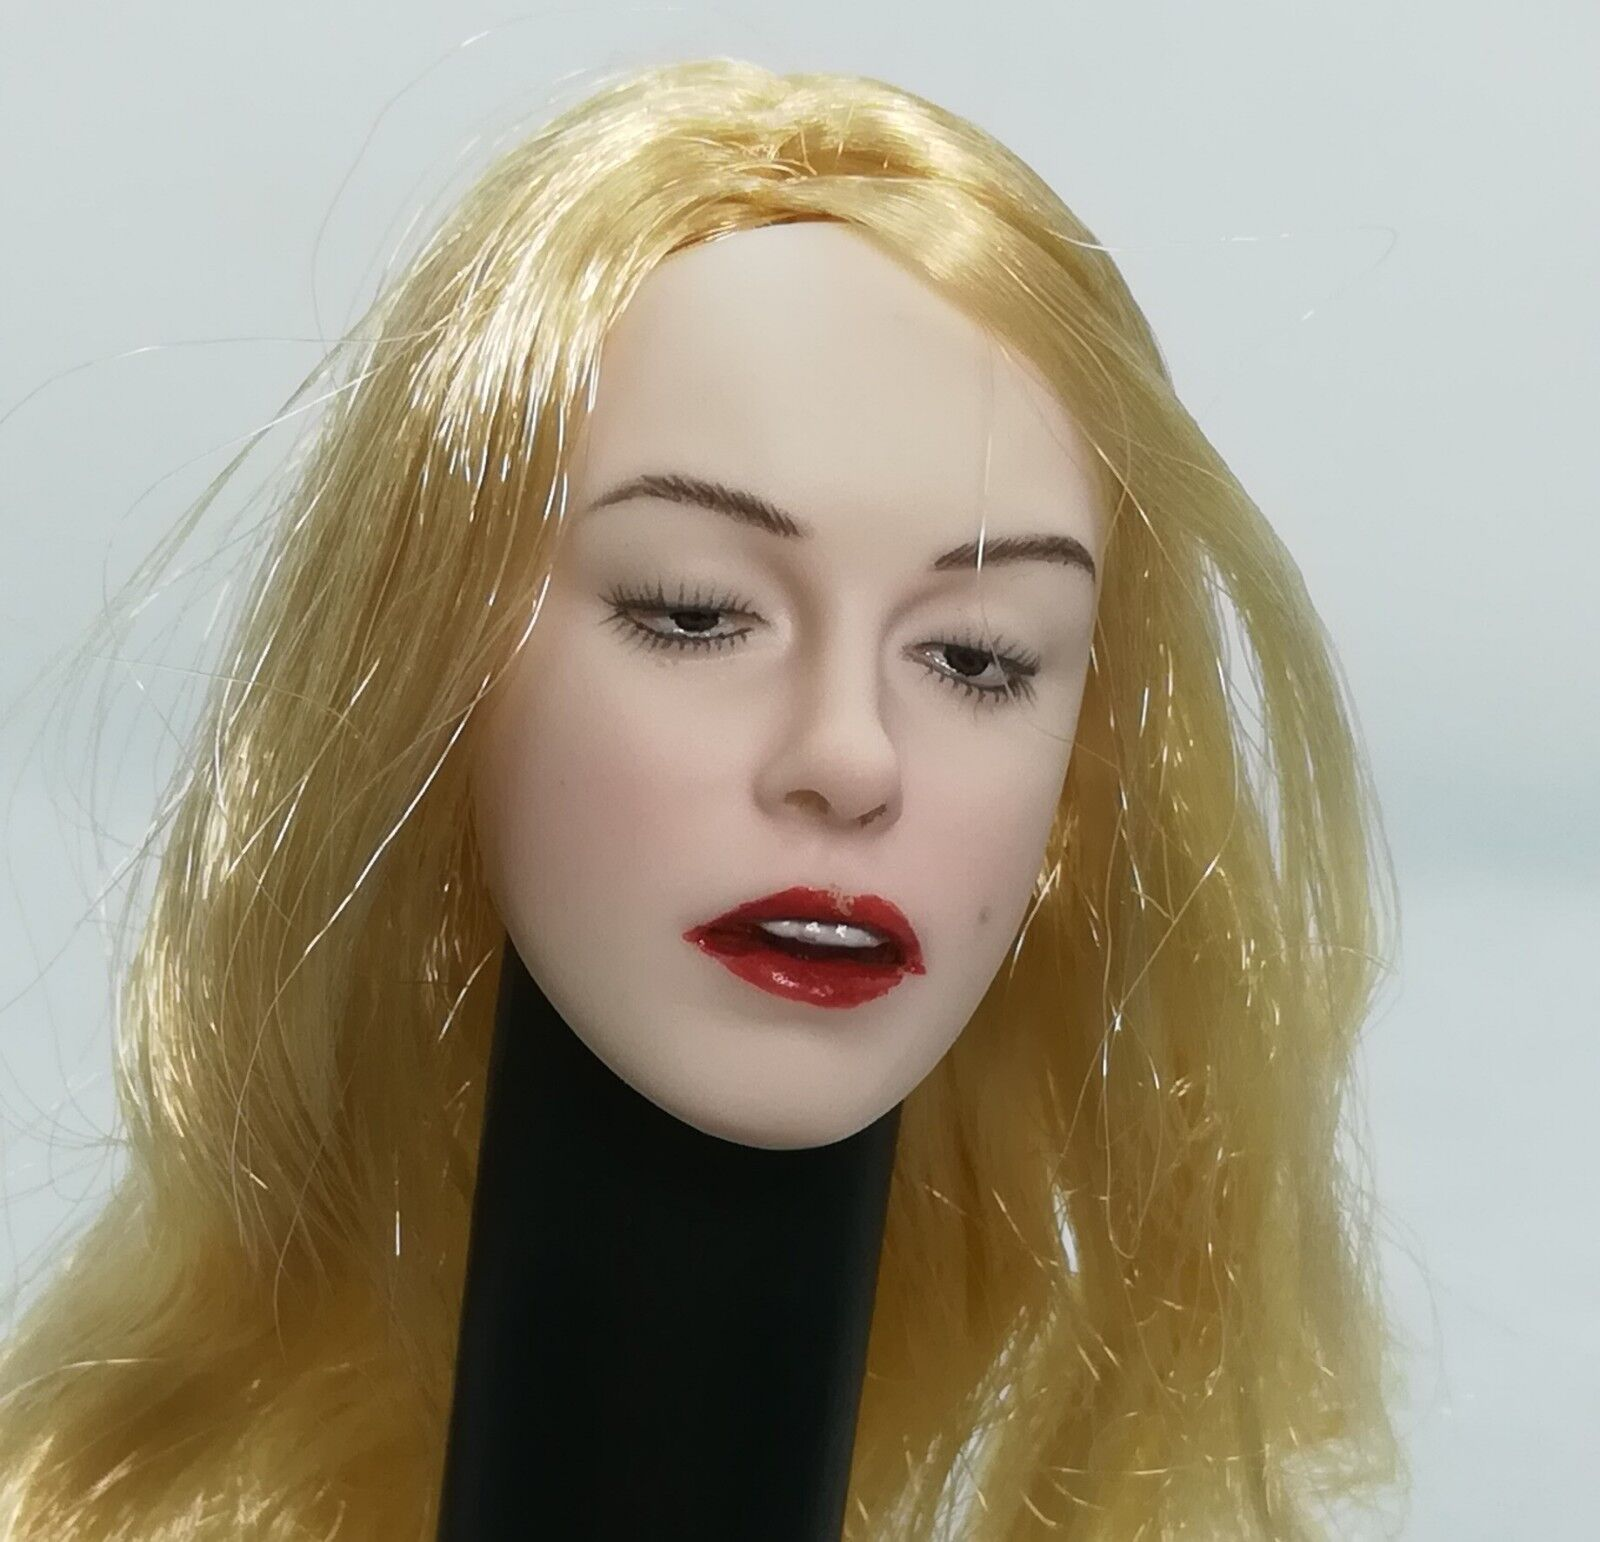 1   6 - skala schönheit mädchen kopf carving - w blonden locken haar besondere ver.f - 12 '' körper